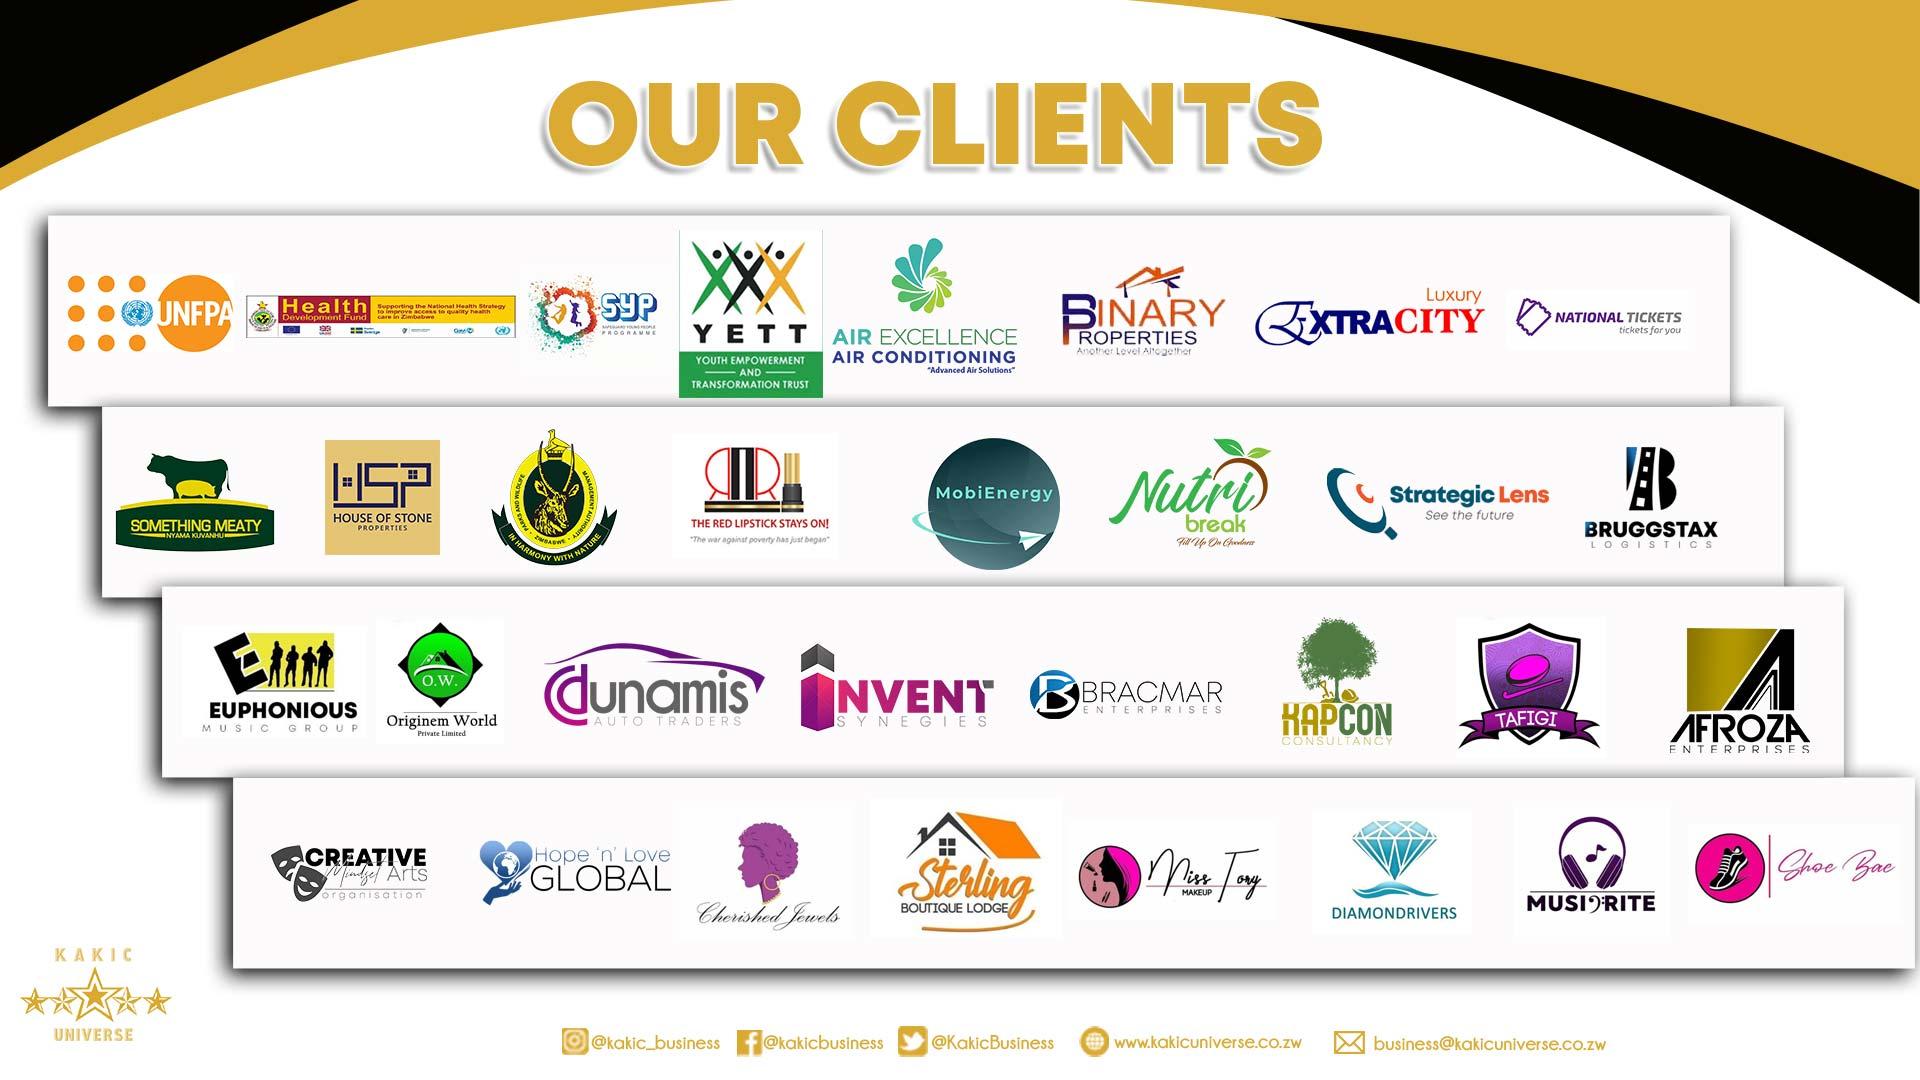 Our clients | Zimbabwe Animation | Kakic Universe